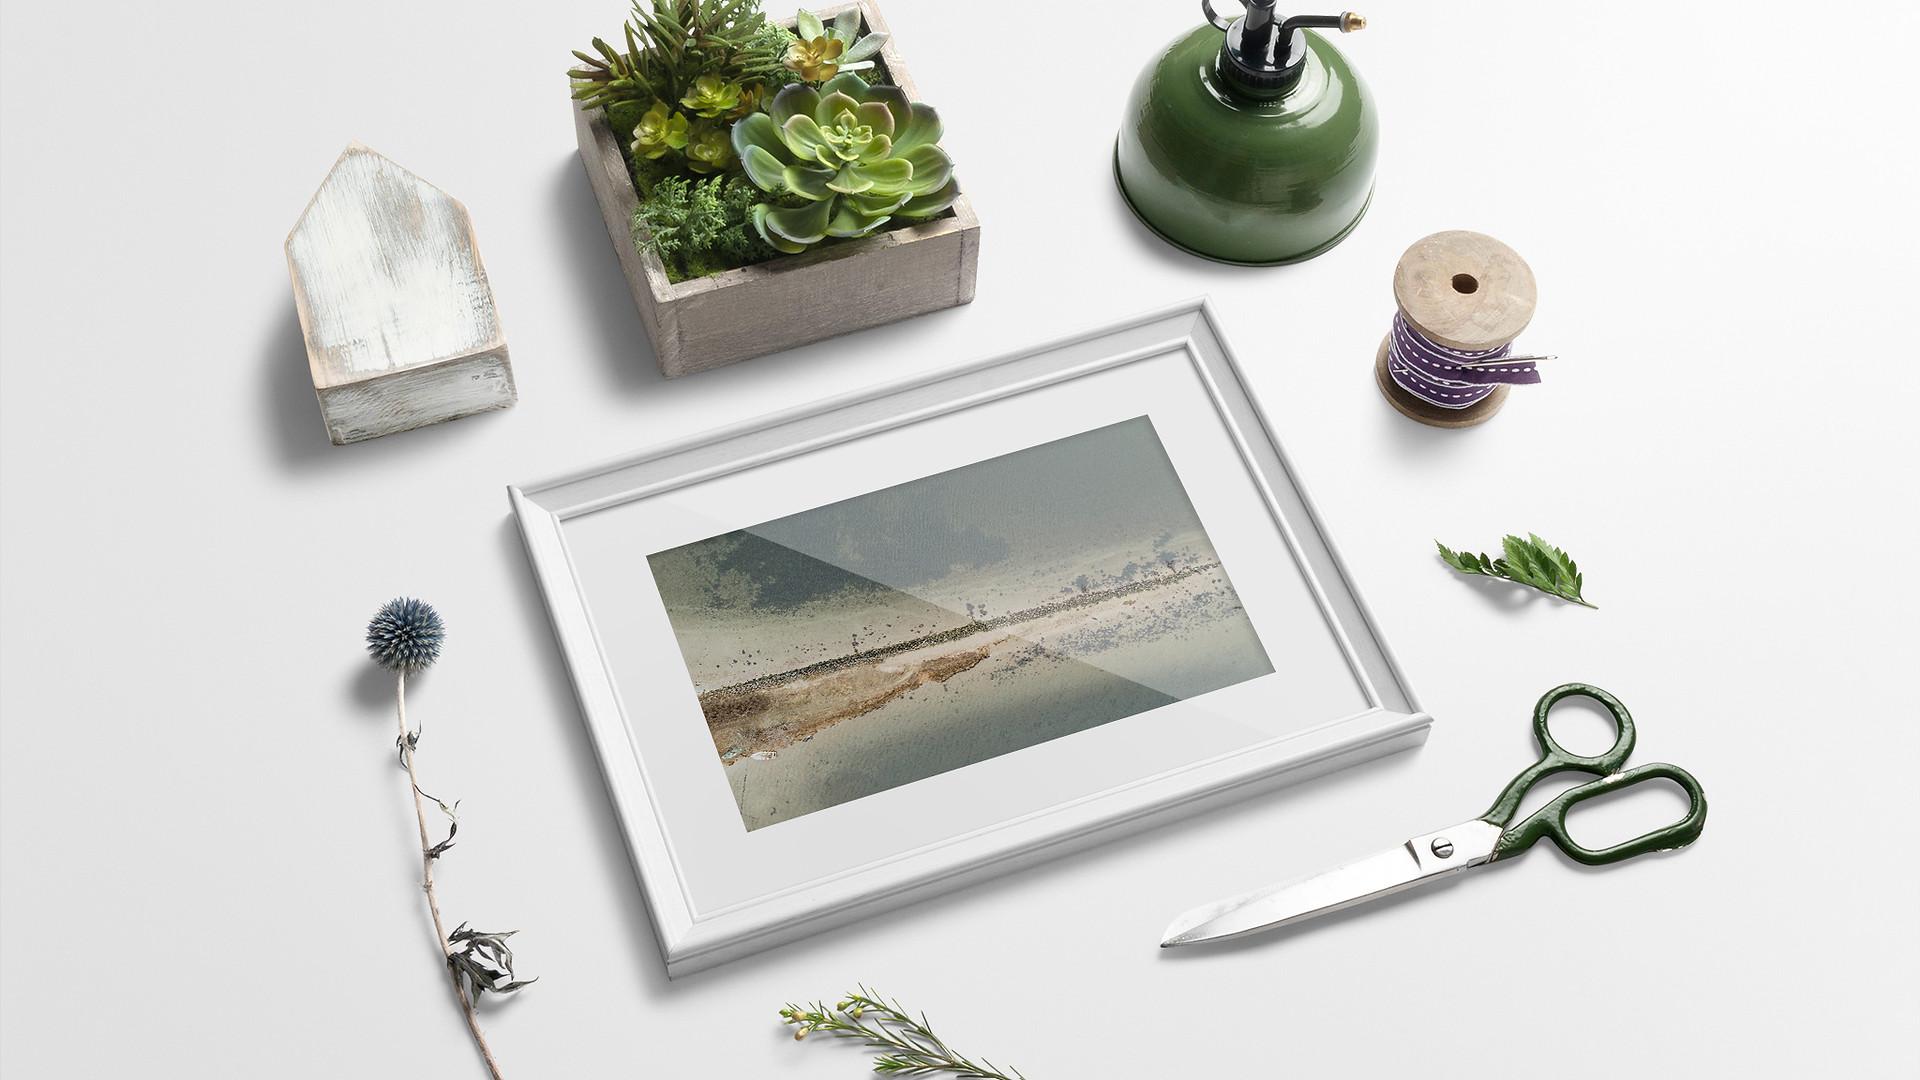 Houens Odde Dronefoto plakat til gave